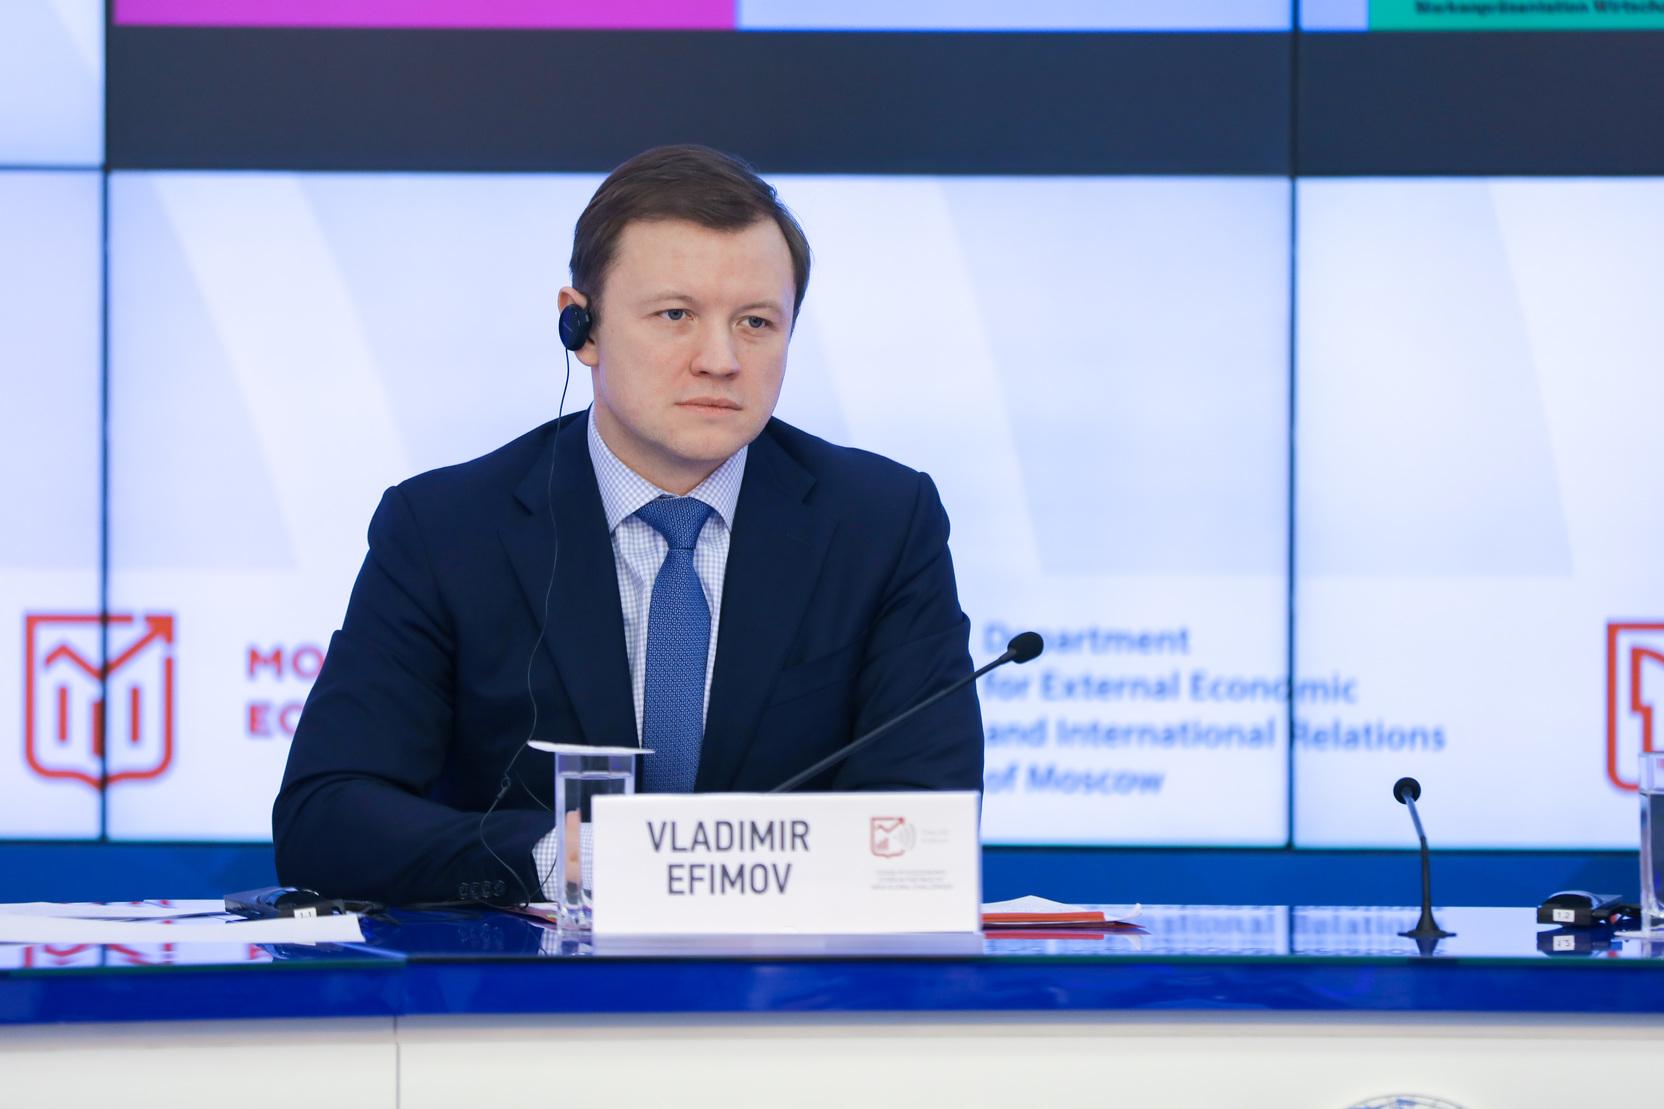 Вице-мэр Ефимов: пандемия изменила потребительское поведение москвичей